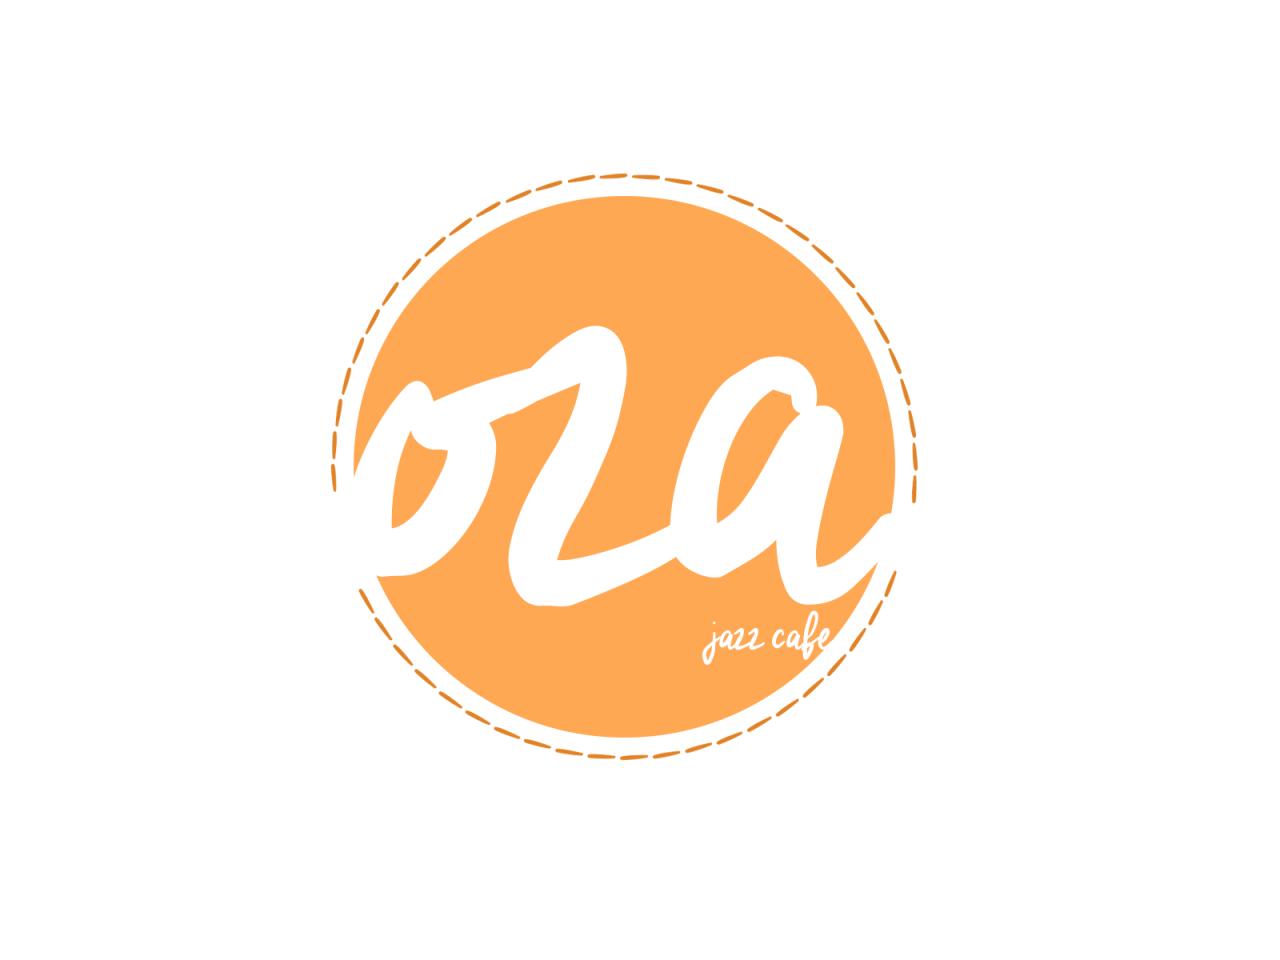 Dbostancioglu Cafe Logo Design Logo Design Cafe Logo